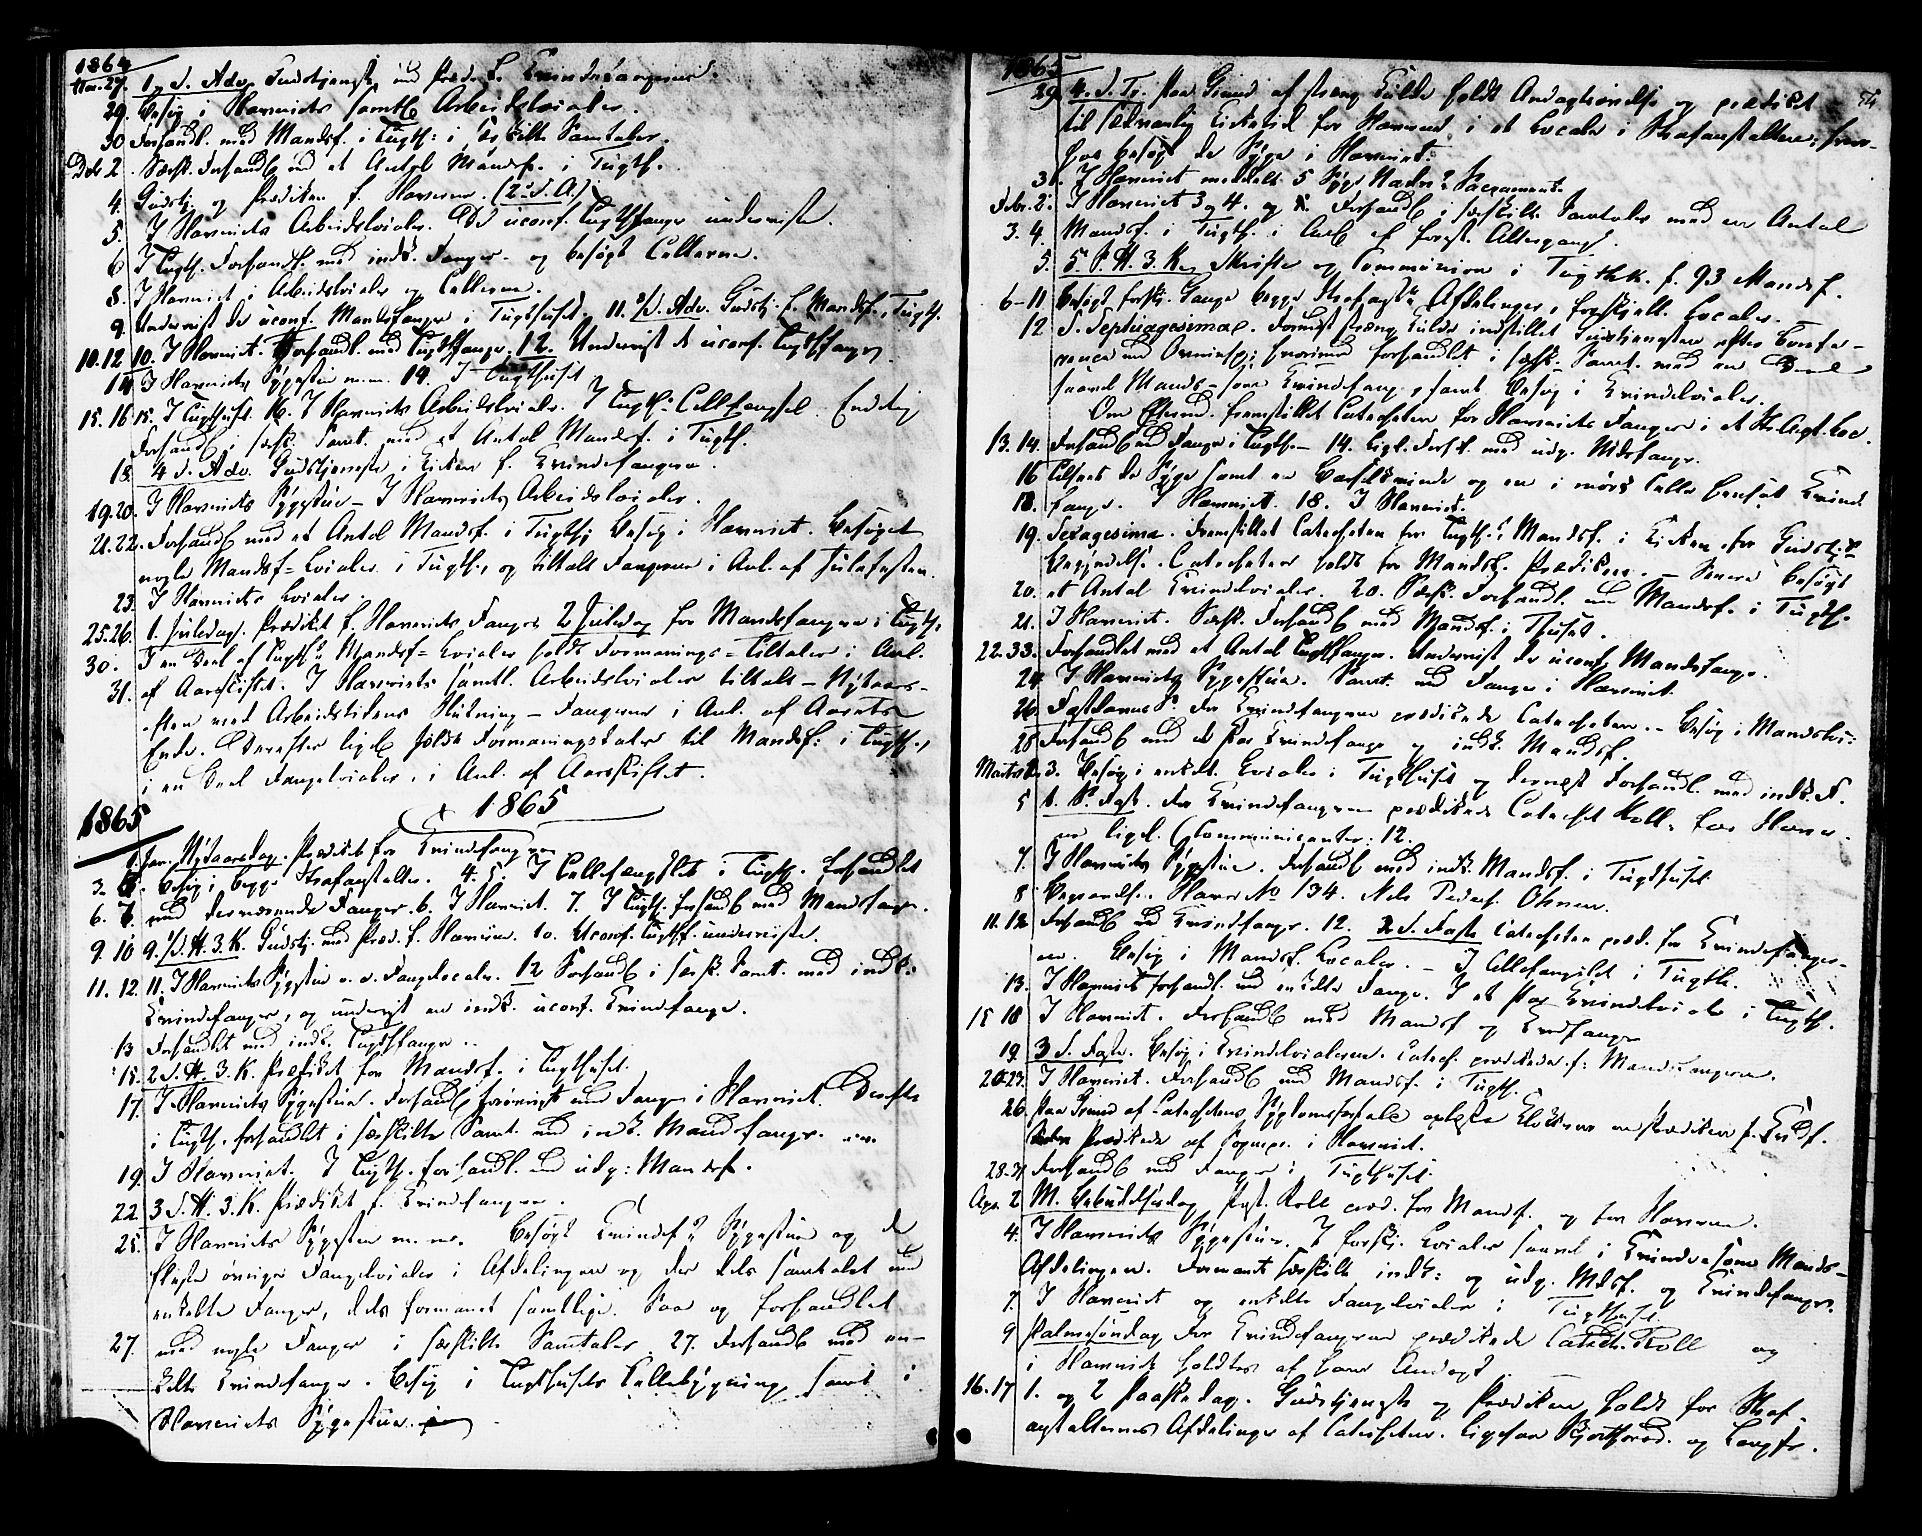 SAT, Ministerialprotokoller, klokkerbøker og fødselsregistre - Sør-Trøndelag, 624/L0481: Ministerialbok nr. 624A02, 1841-1869, s. 54